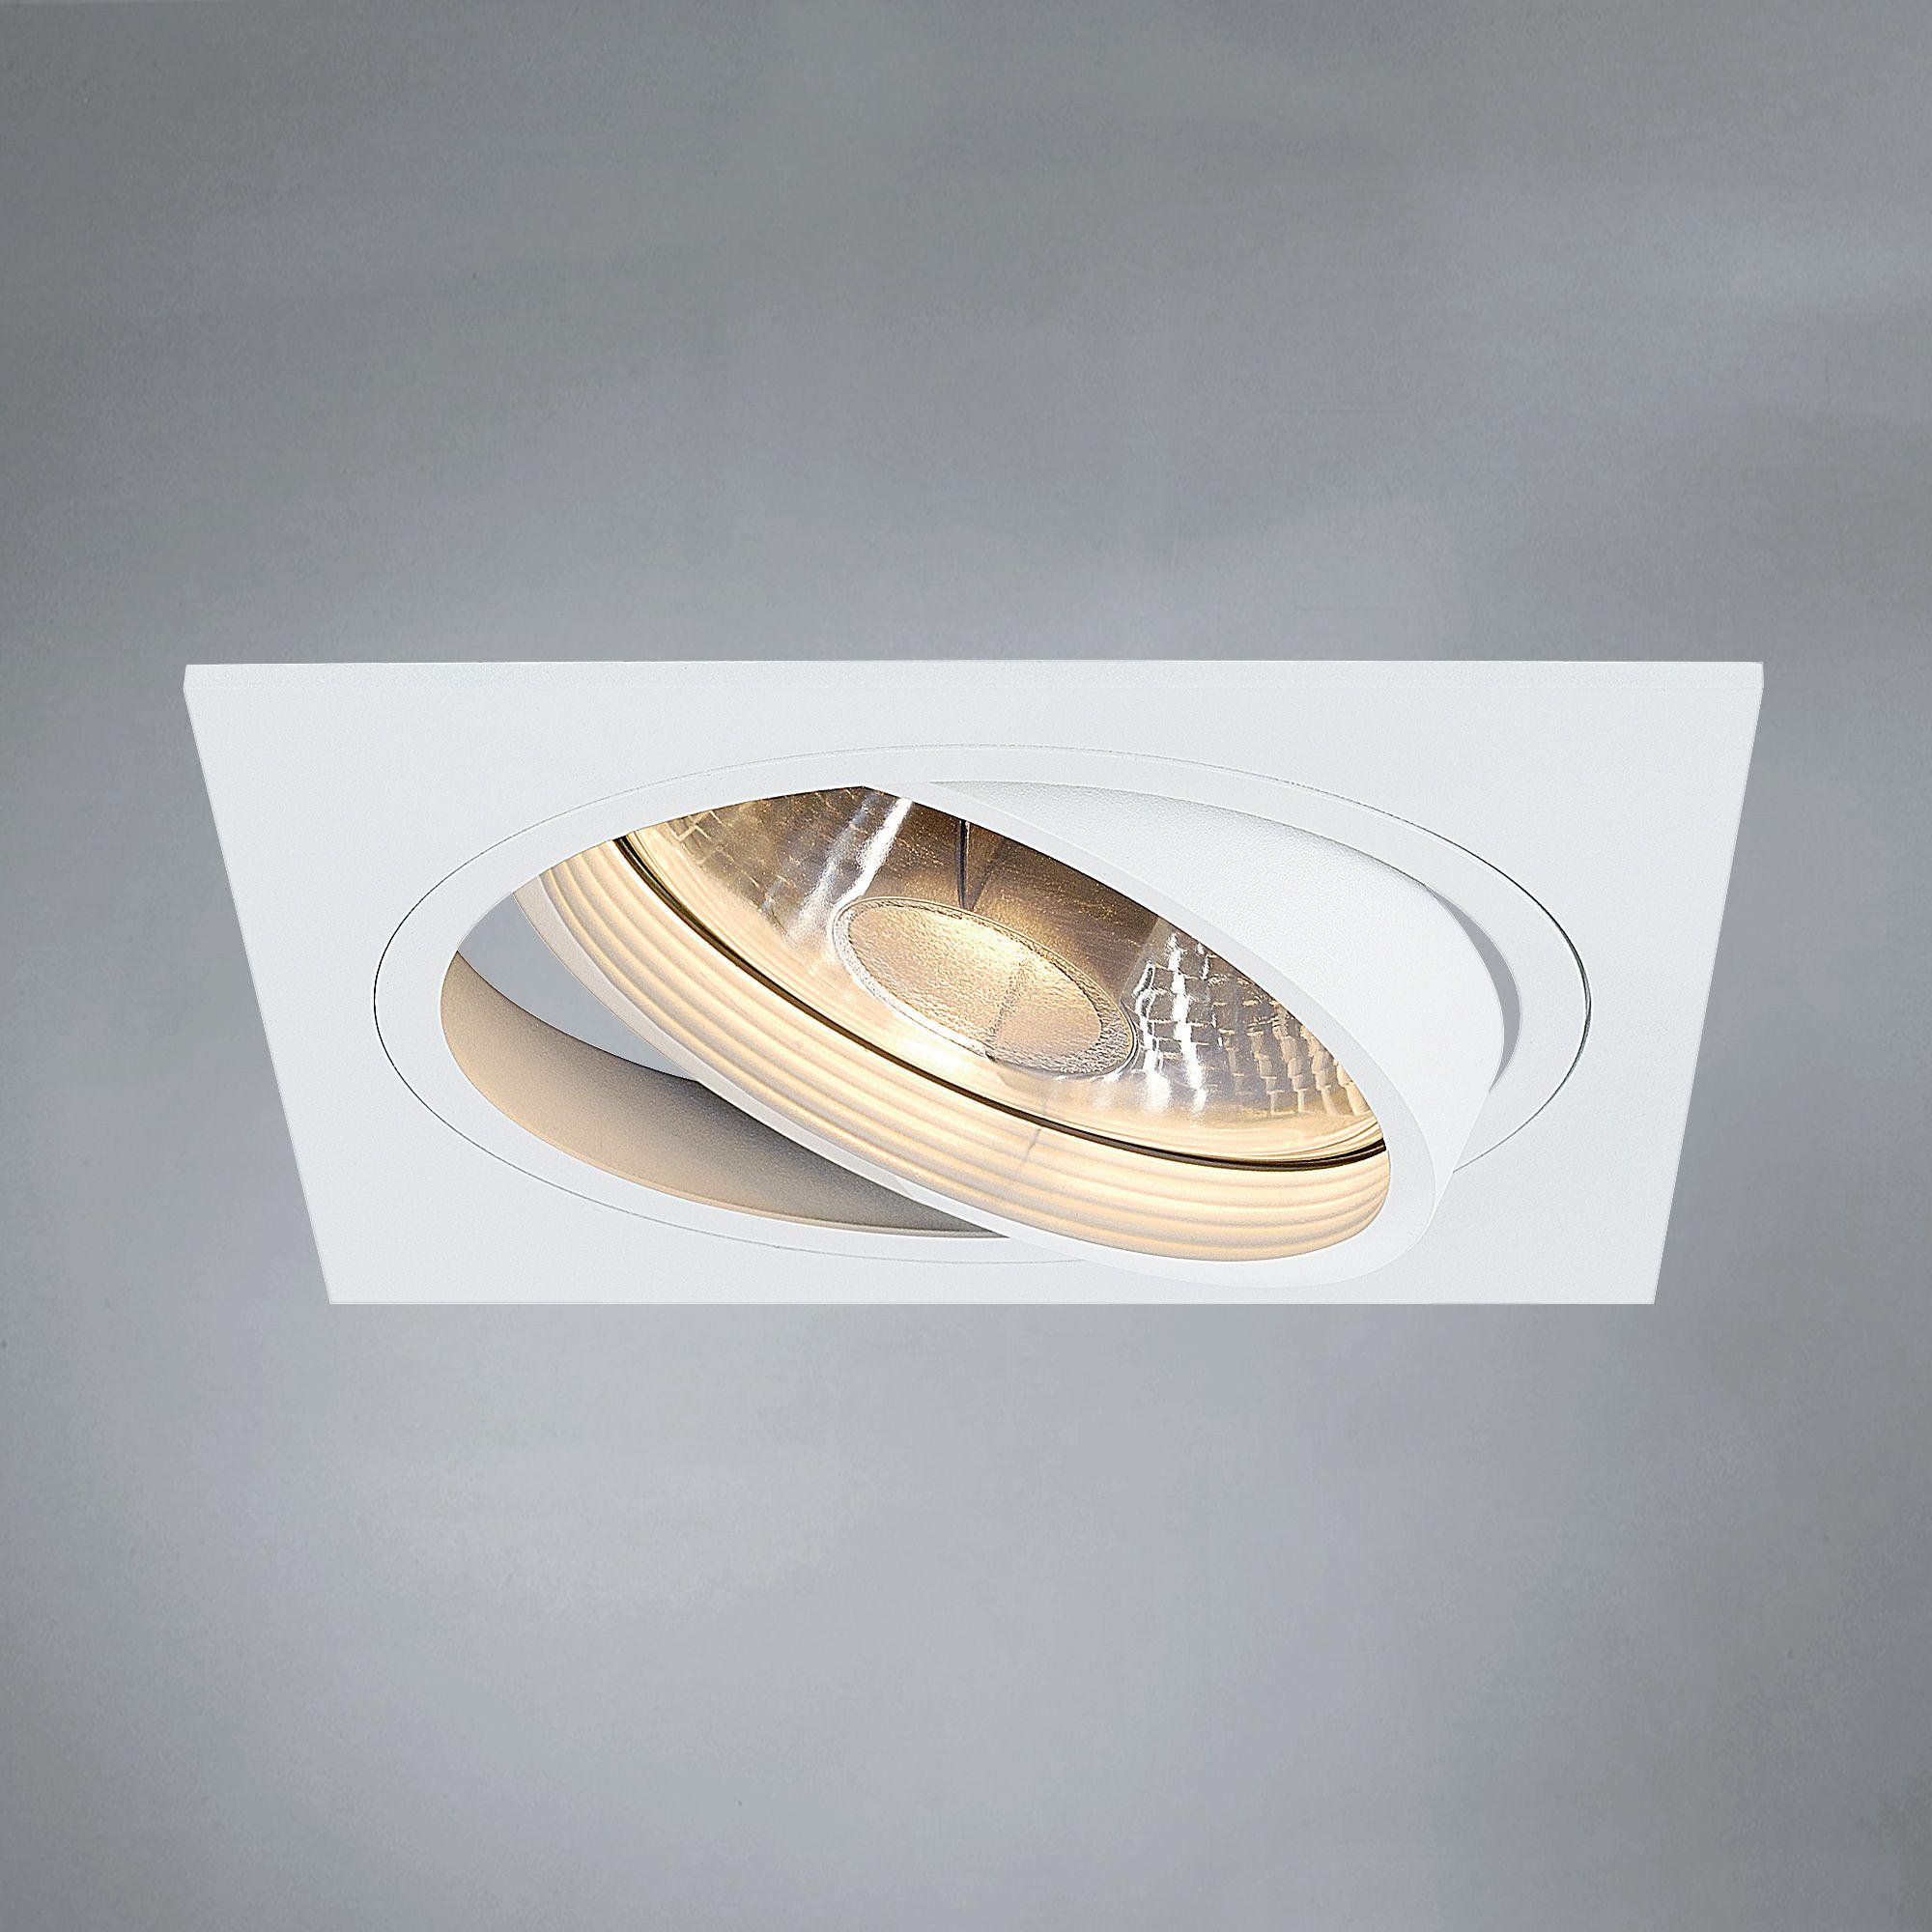 SLV NEW TRIA Einbau-Deckenleuchte, GU10 ES111 | LIGHTING | Pinterest